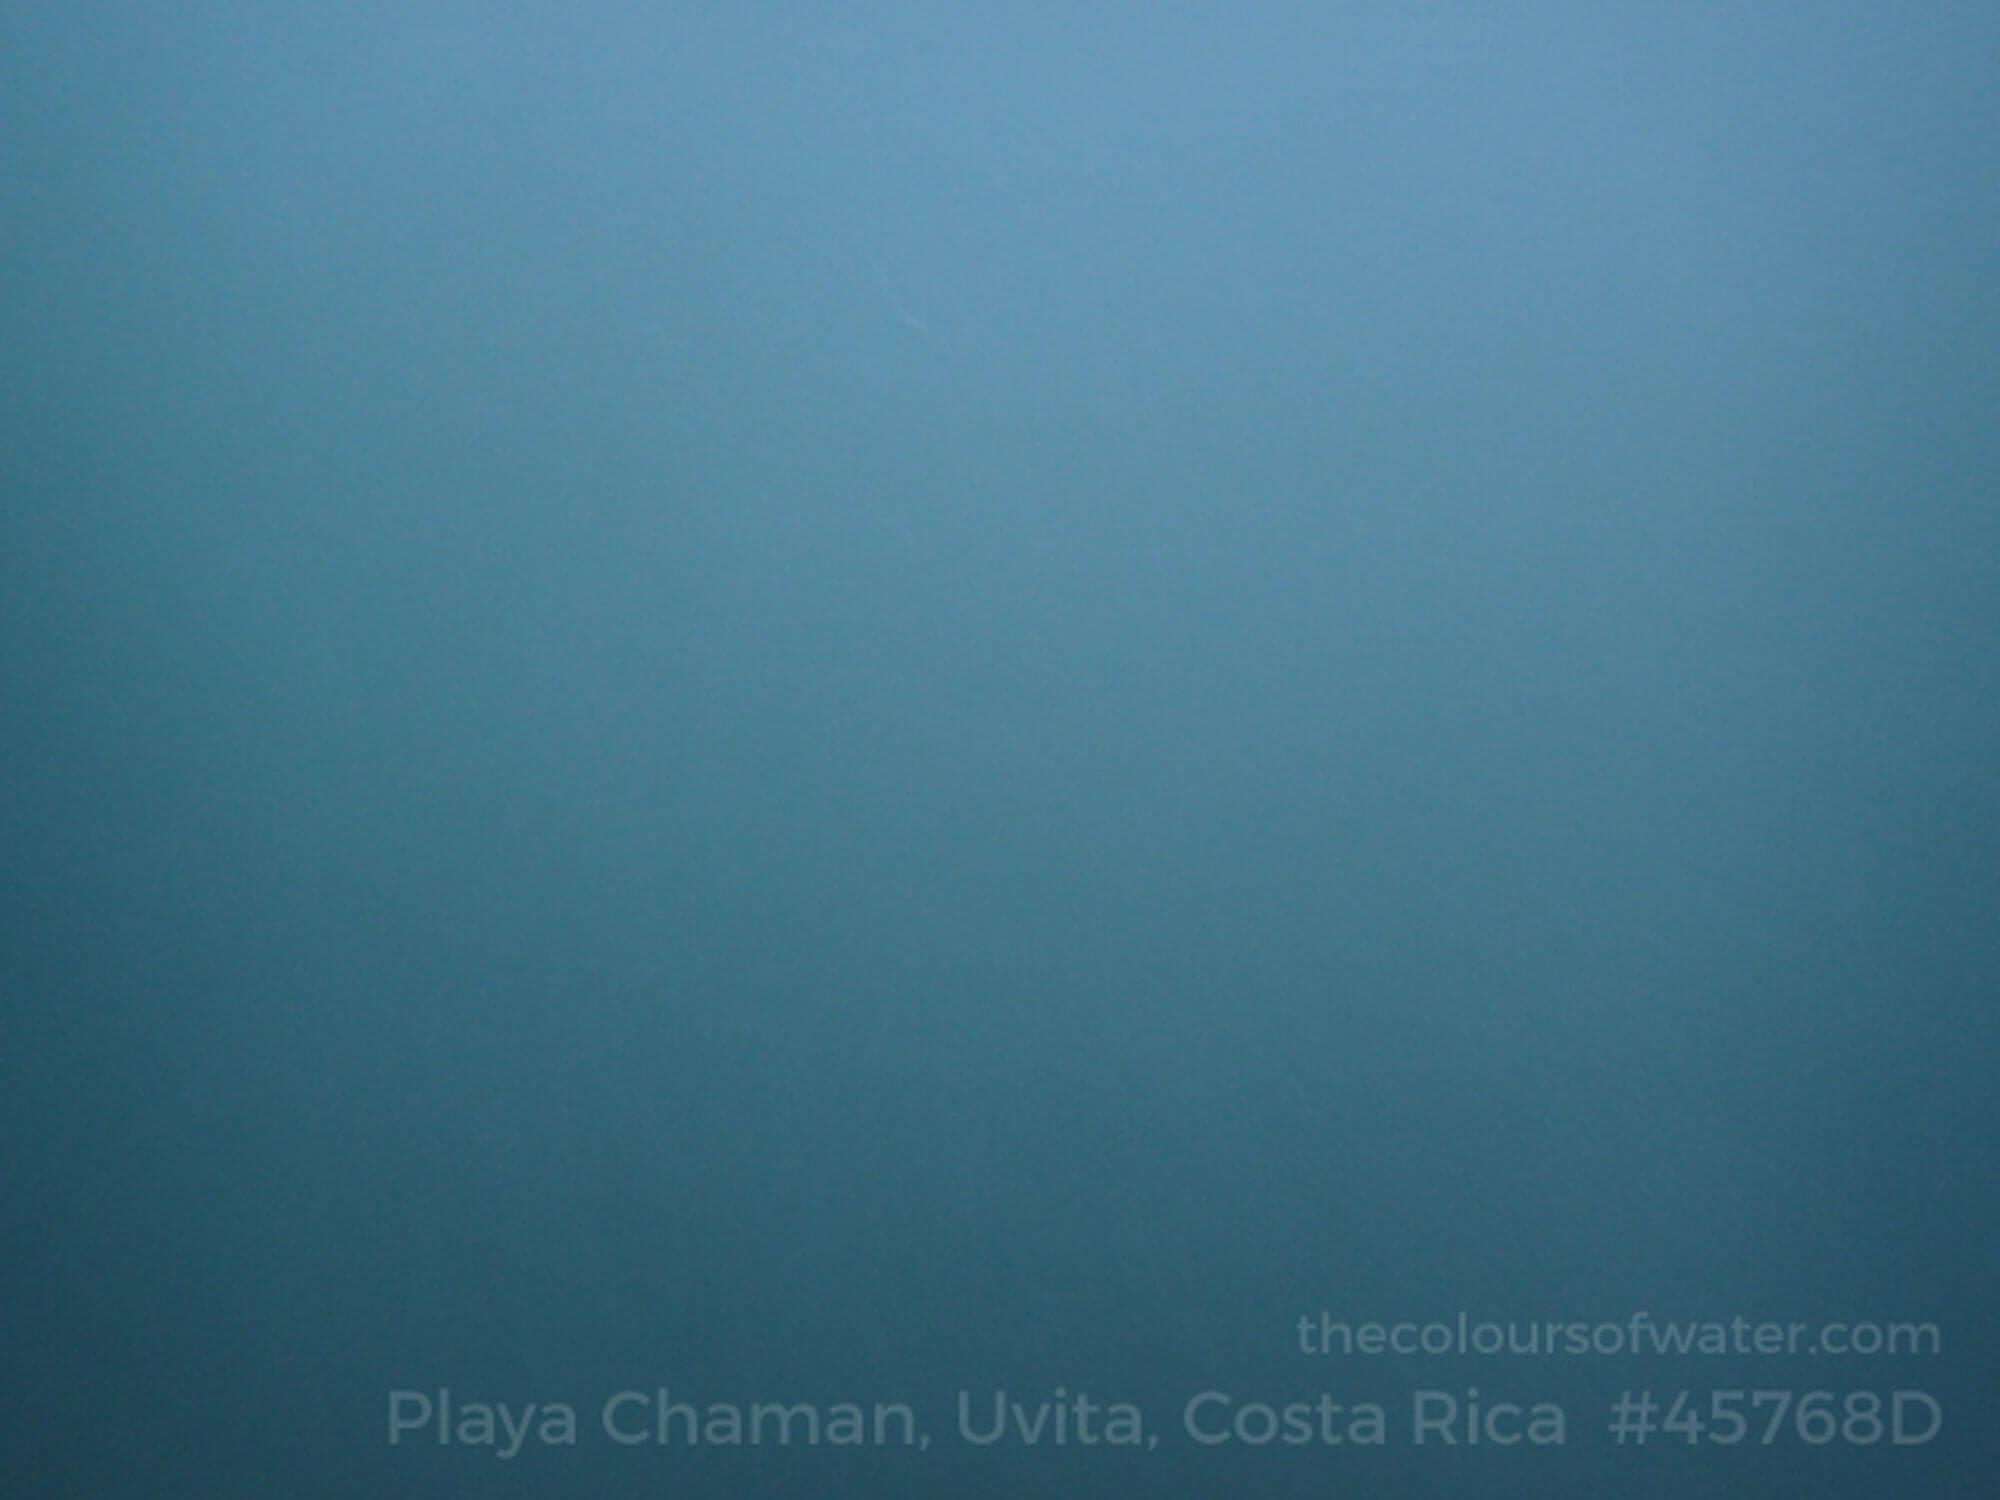 Playa Chaman, Uvita, Costa Rica Colour of Water